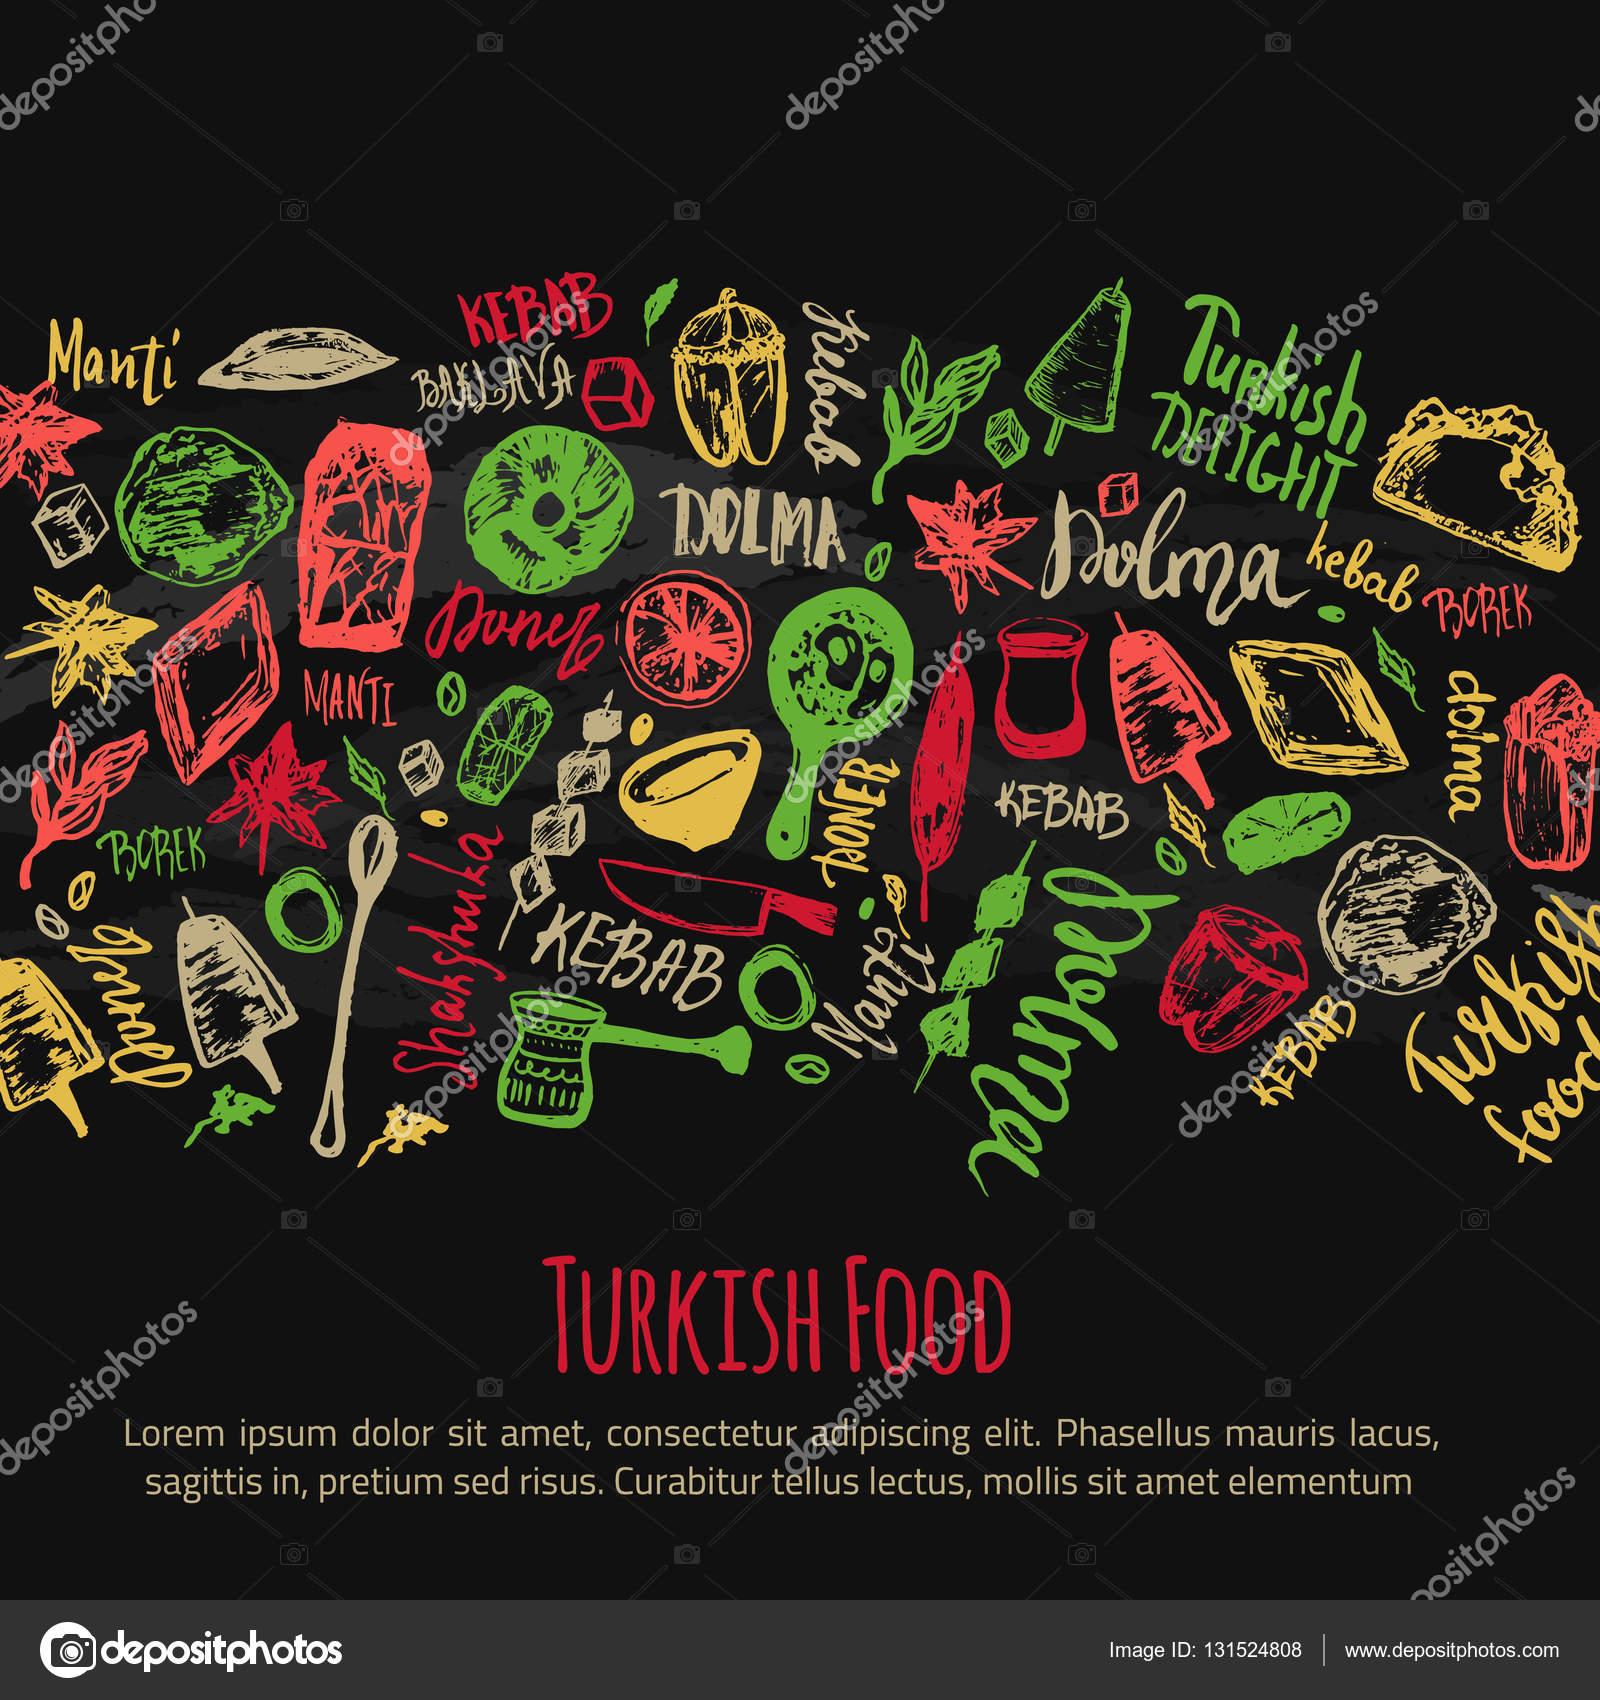 Türkische Küche von hand gezeichnete Set mit Schriftzug und Getränke ...